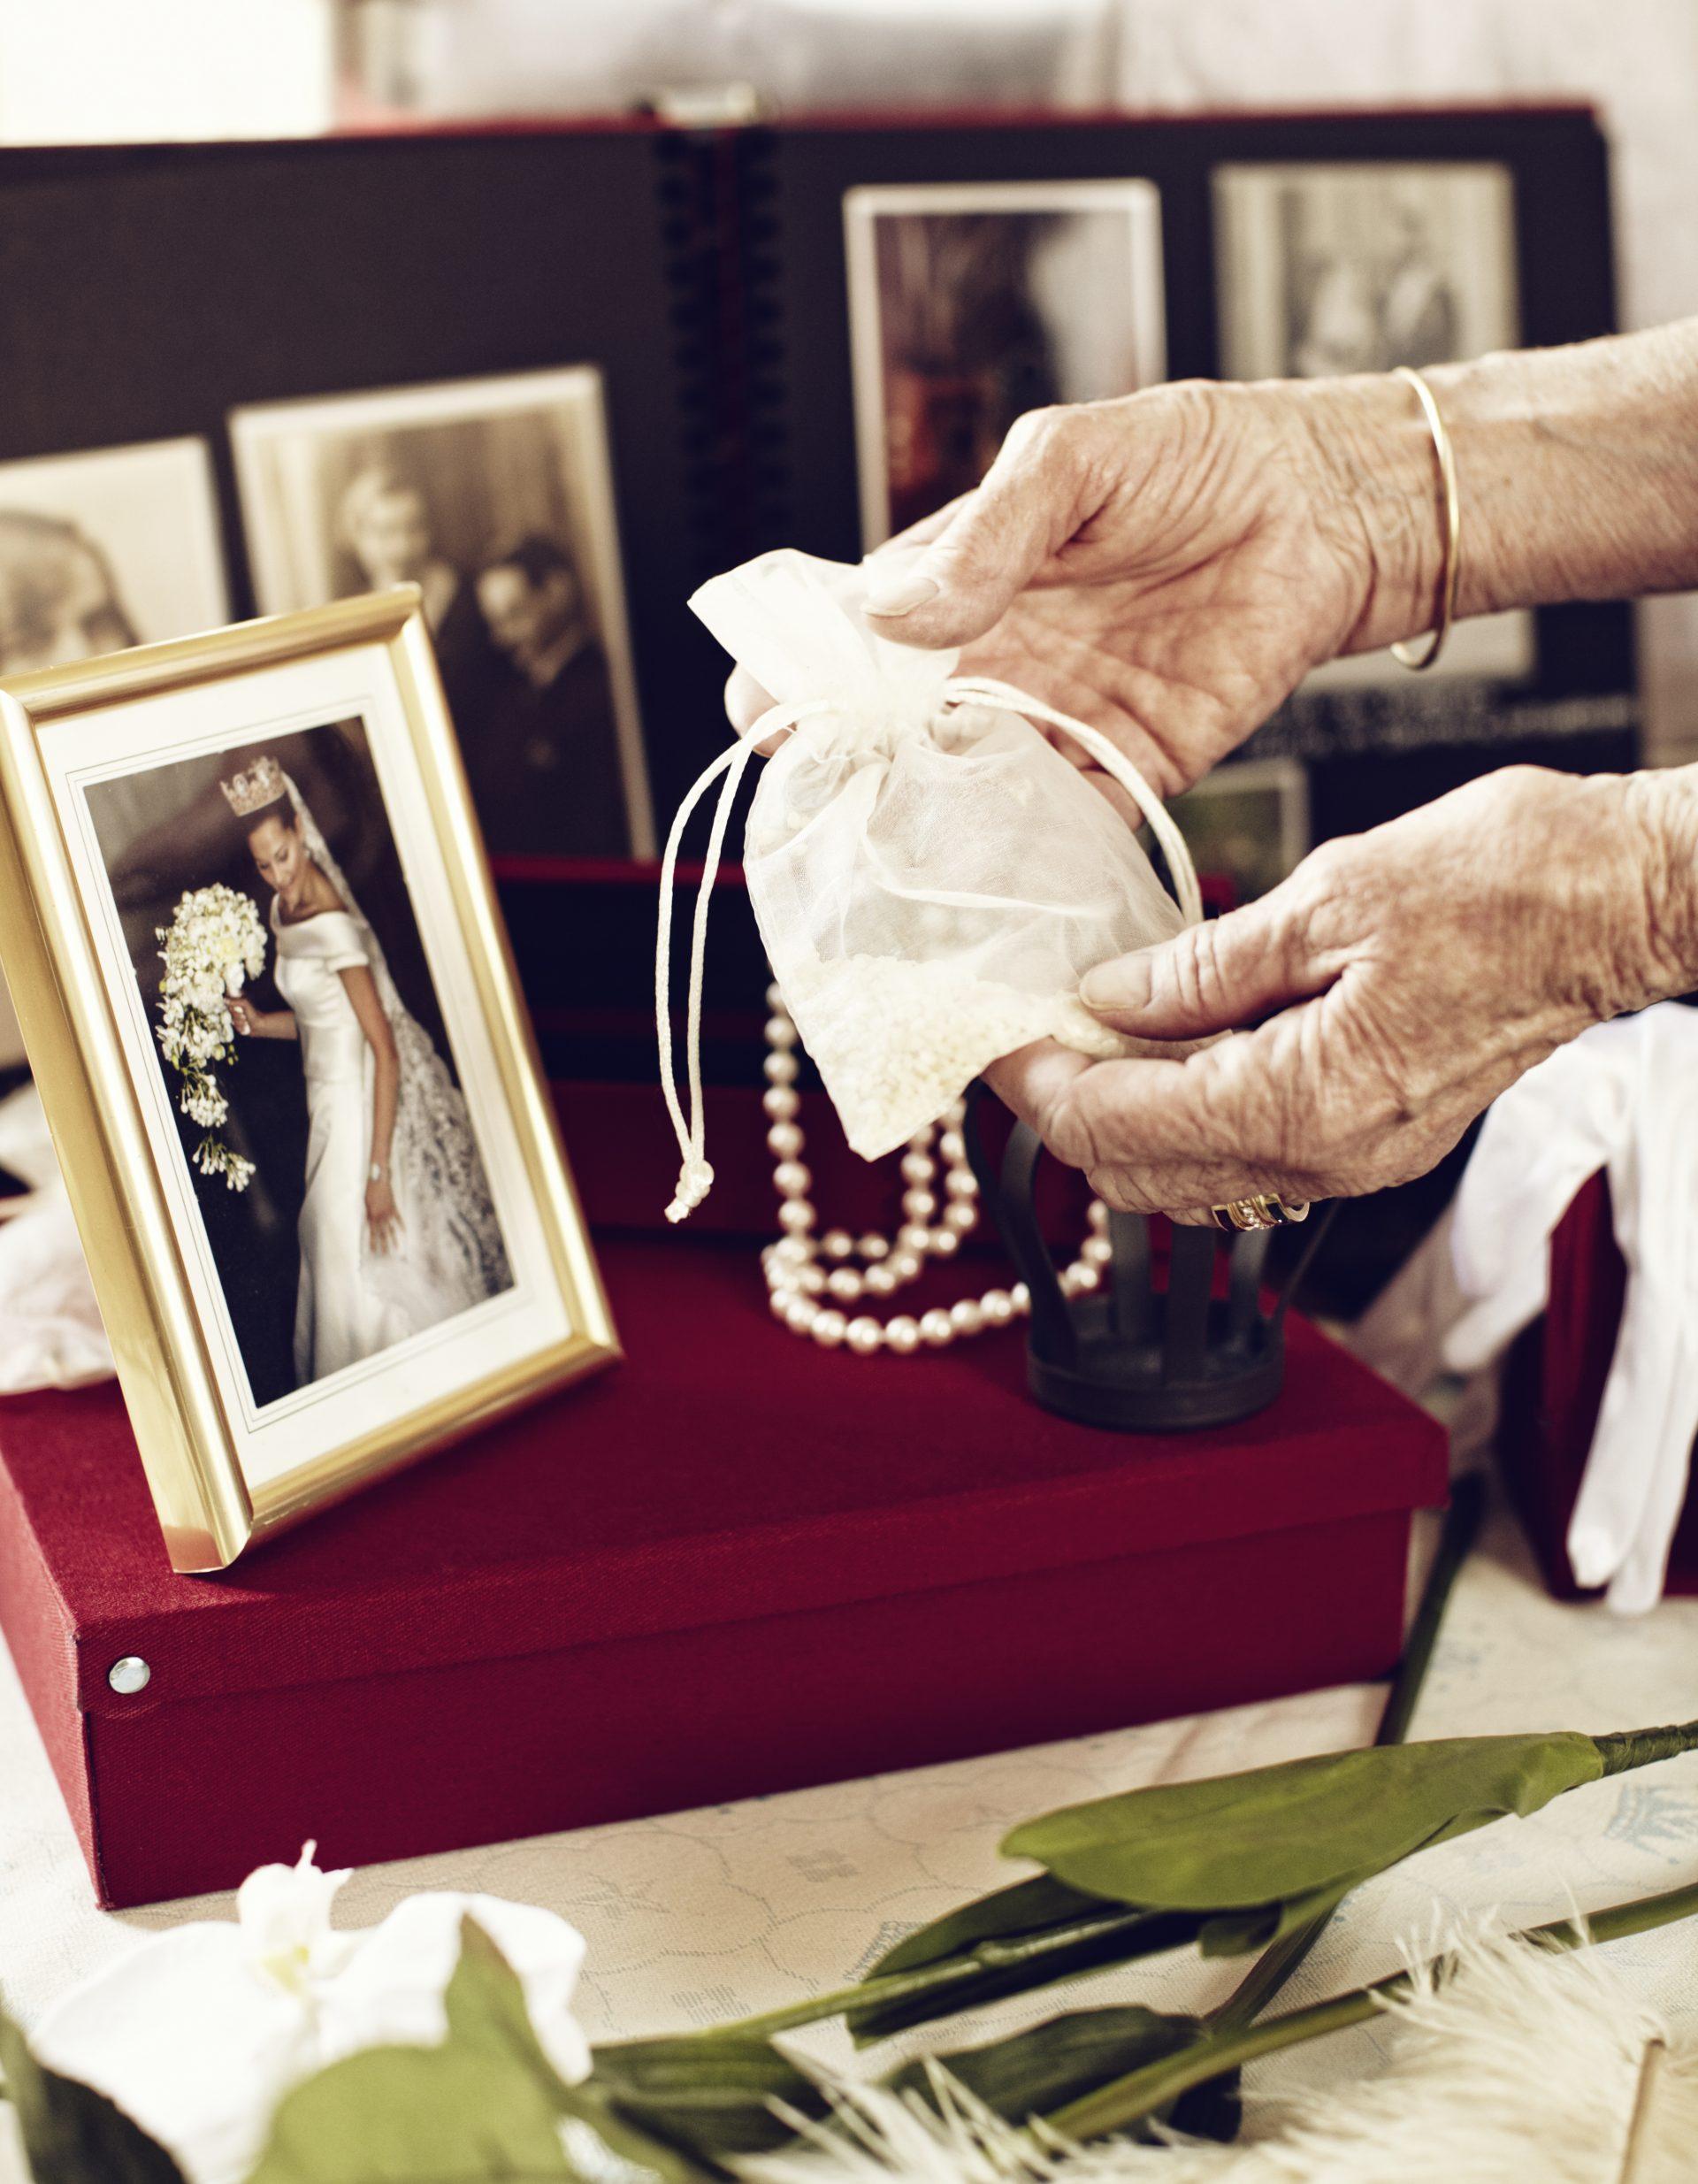 Två händer håller en påse med risgryn framför en bild av en brud i vit klänning.